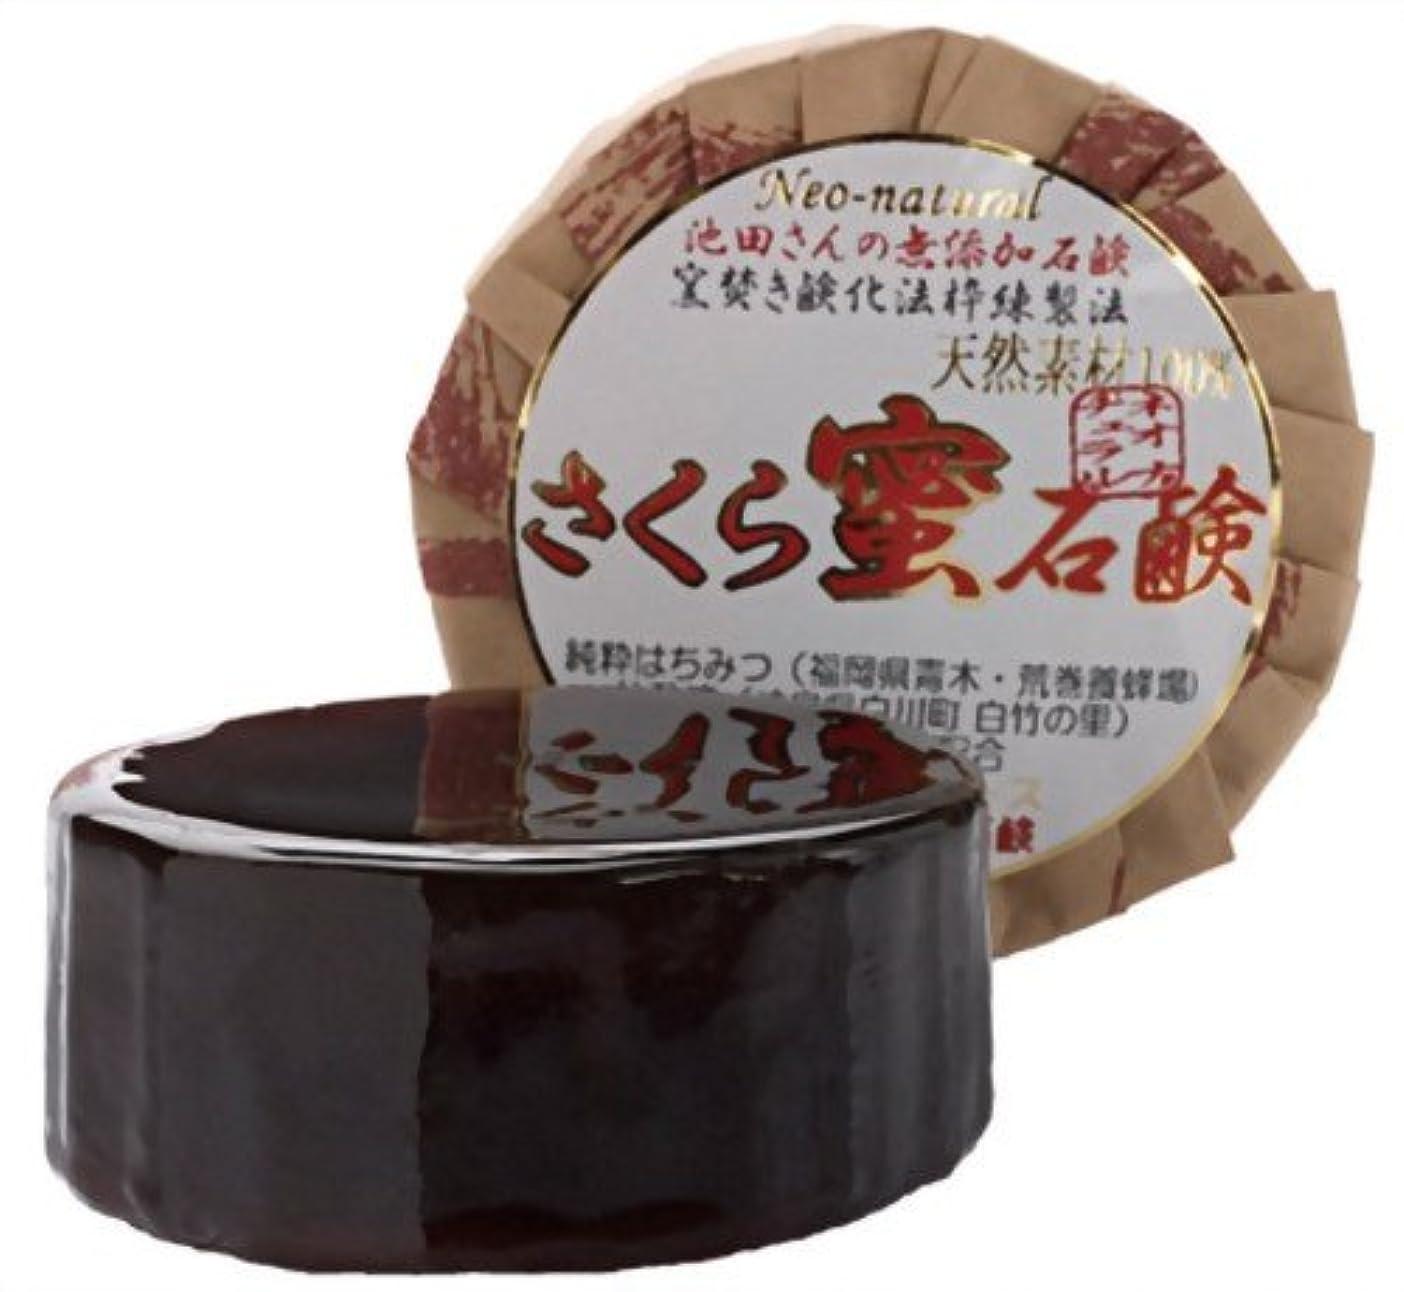 ガジュマル文化悪因子ネオナチュラル 池田さんのさくら蜜石鹸 105g